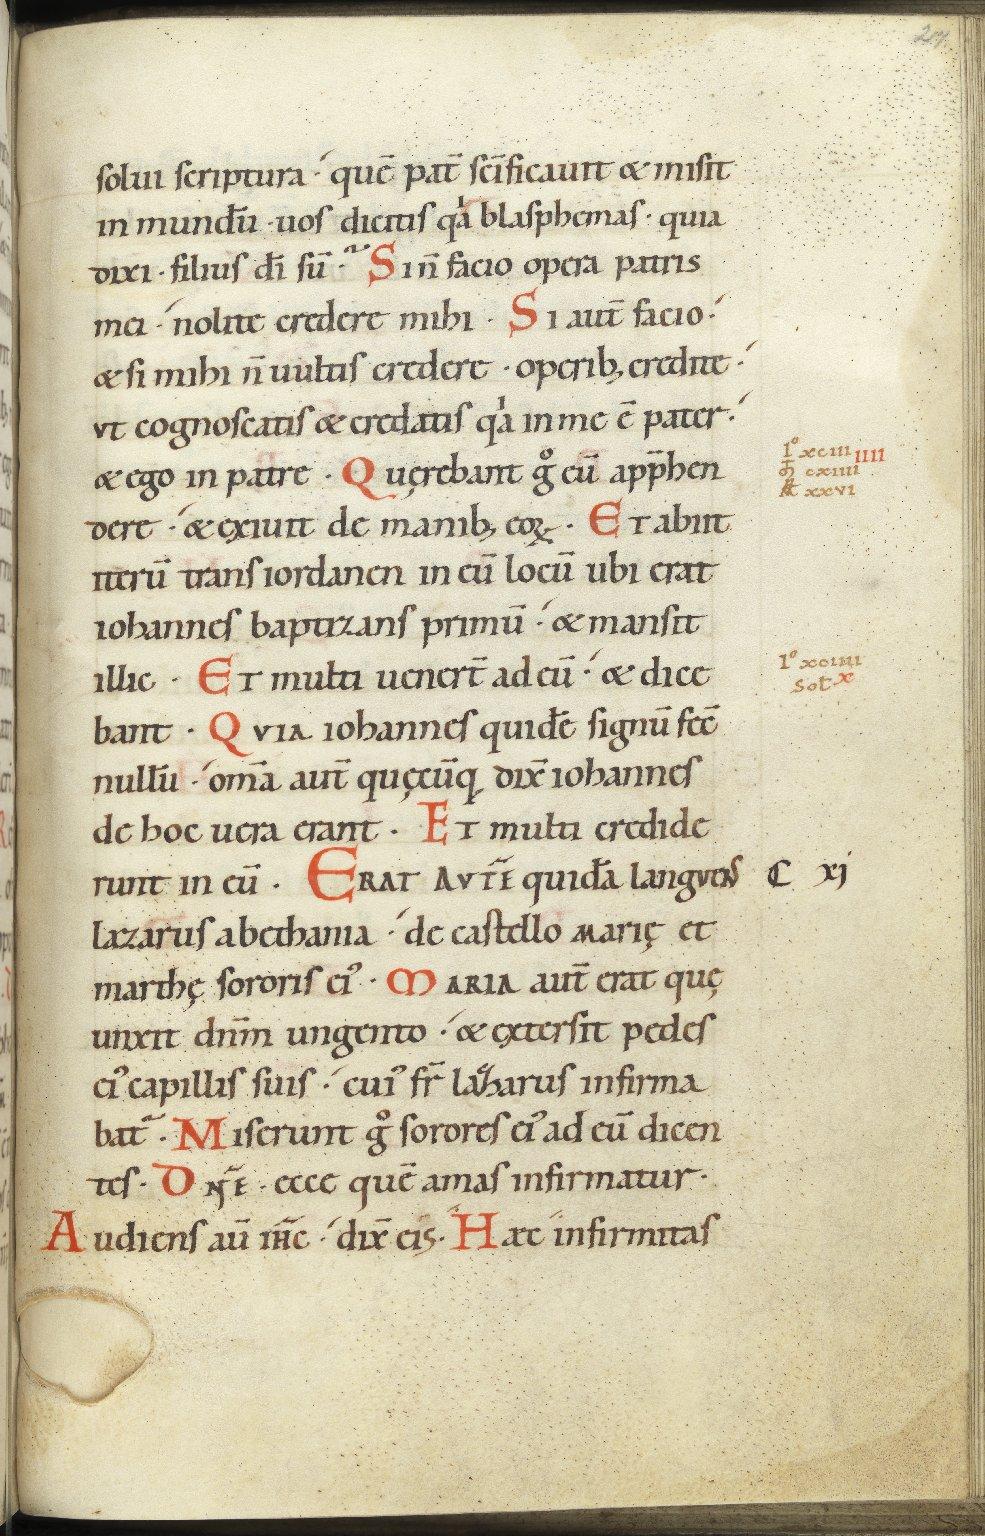 Four Gospels, Germany, 11th C., f.217r